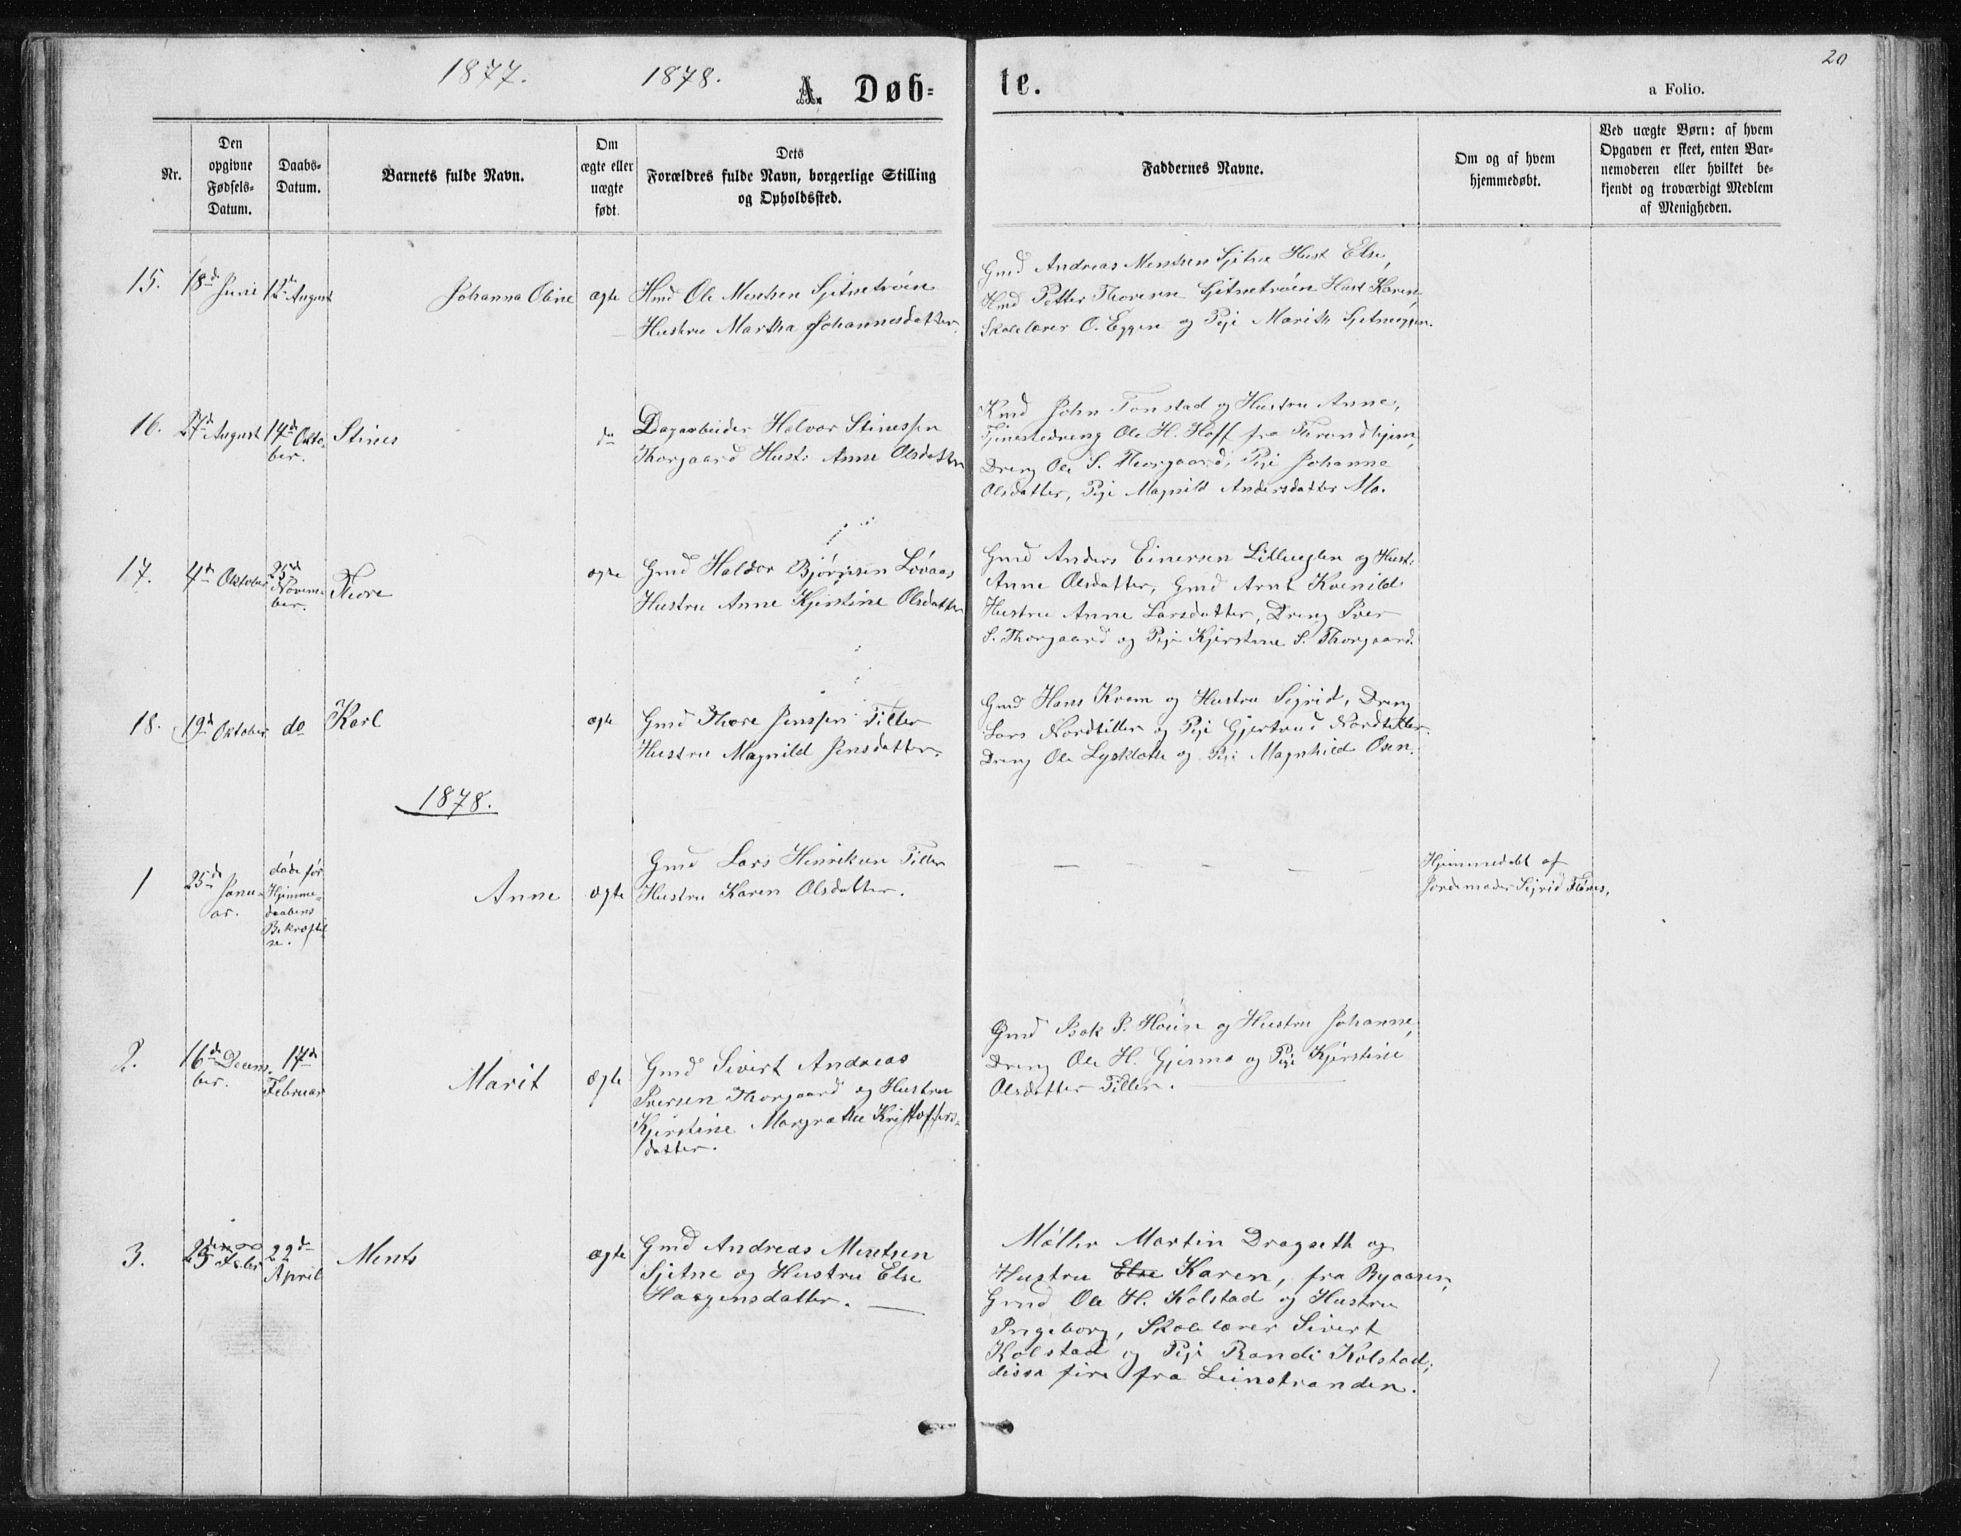 SAT, Ministerialprotokoller, klokkerbøker og fødselsregistre - Sør-Trøndelag, 621/L0459: Klokkerbok nr. 621C02, 1866-1895, s. 20